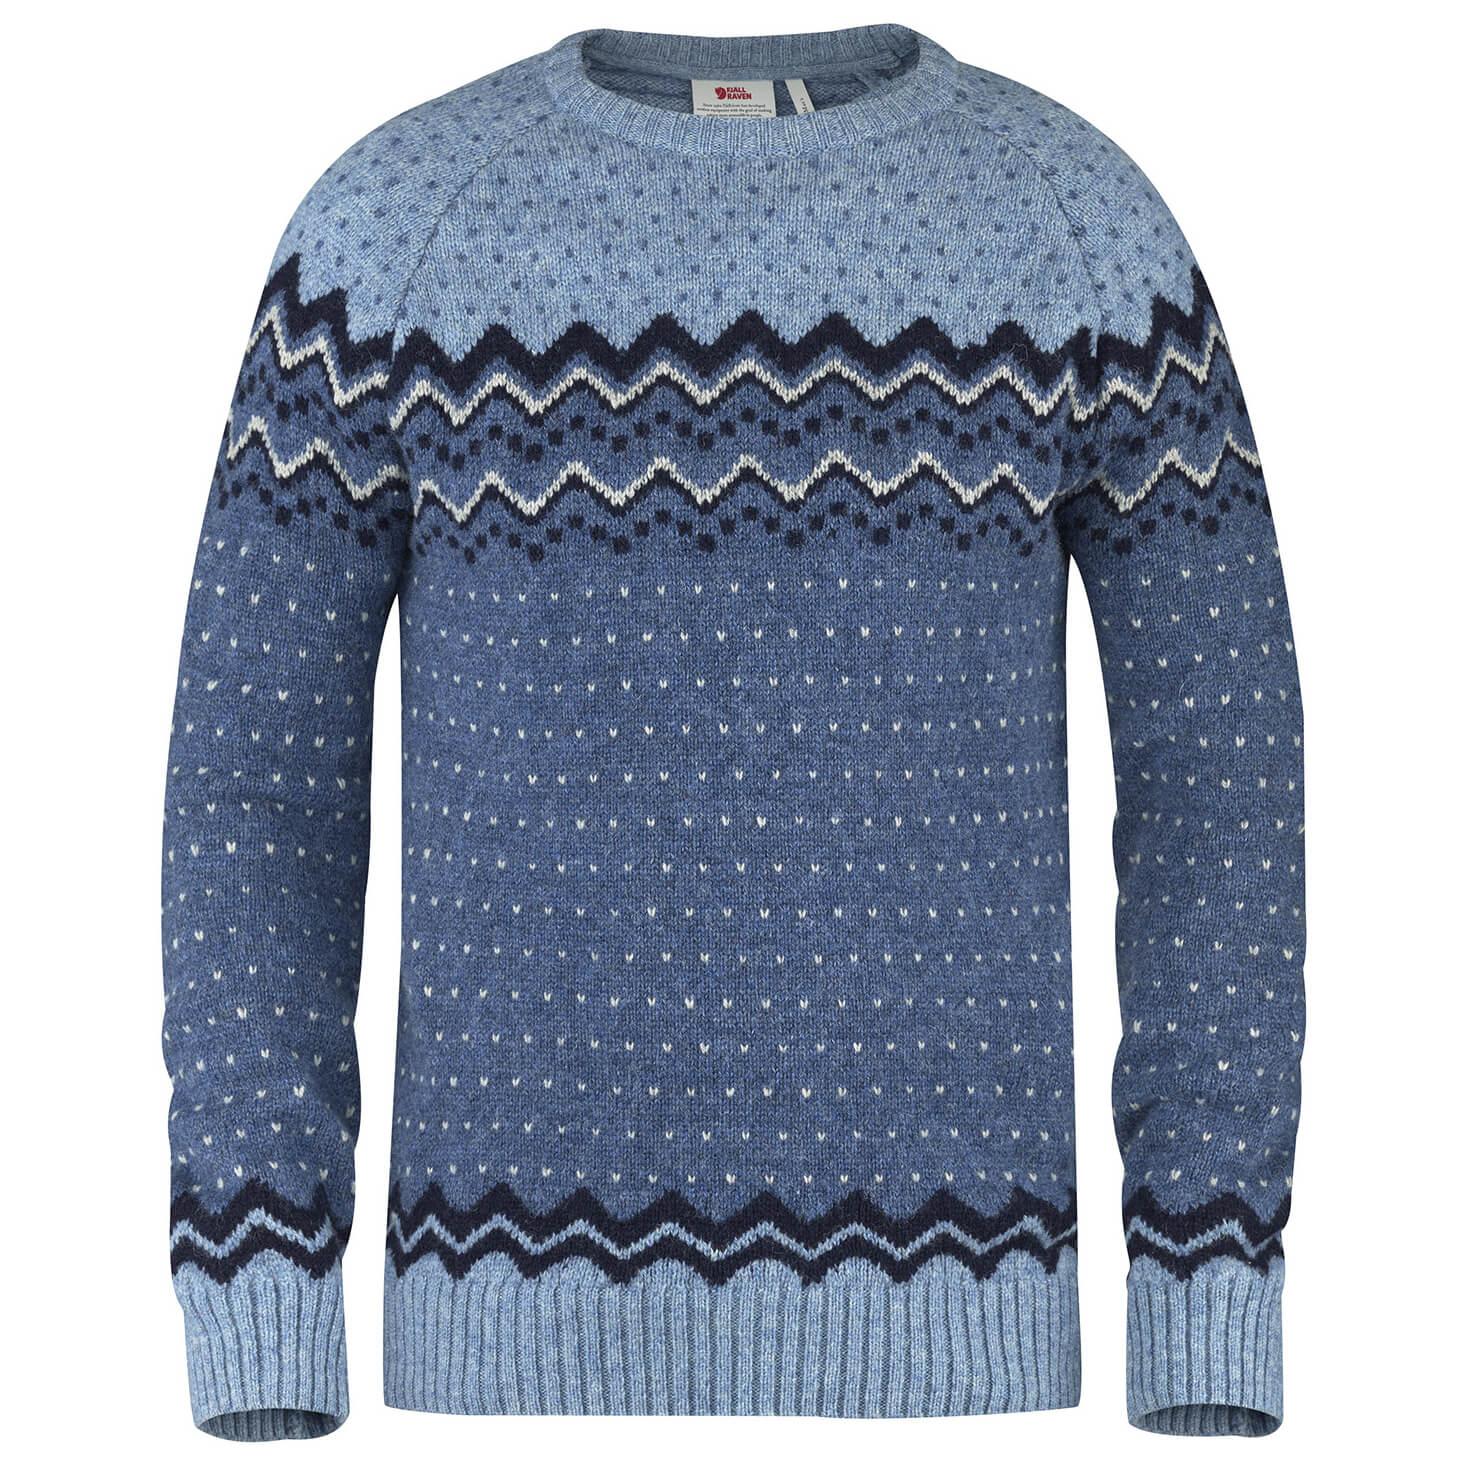 Knit Sweater Knit Övik Övik Sweater Pulls Fjällräven Fjällräven W29IYEeDH